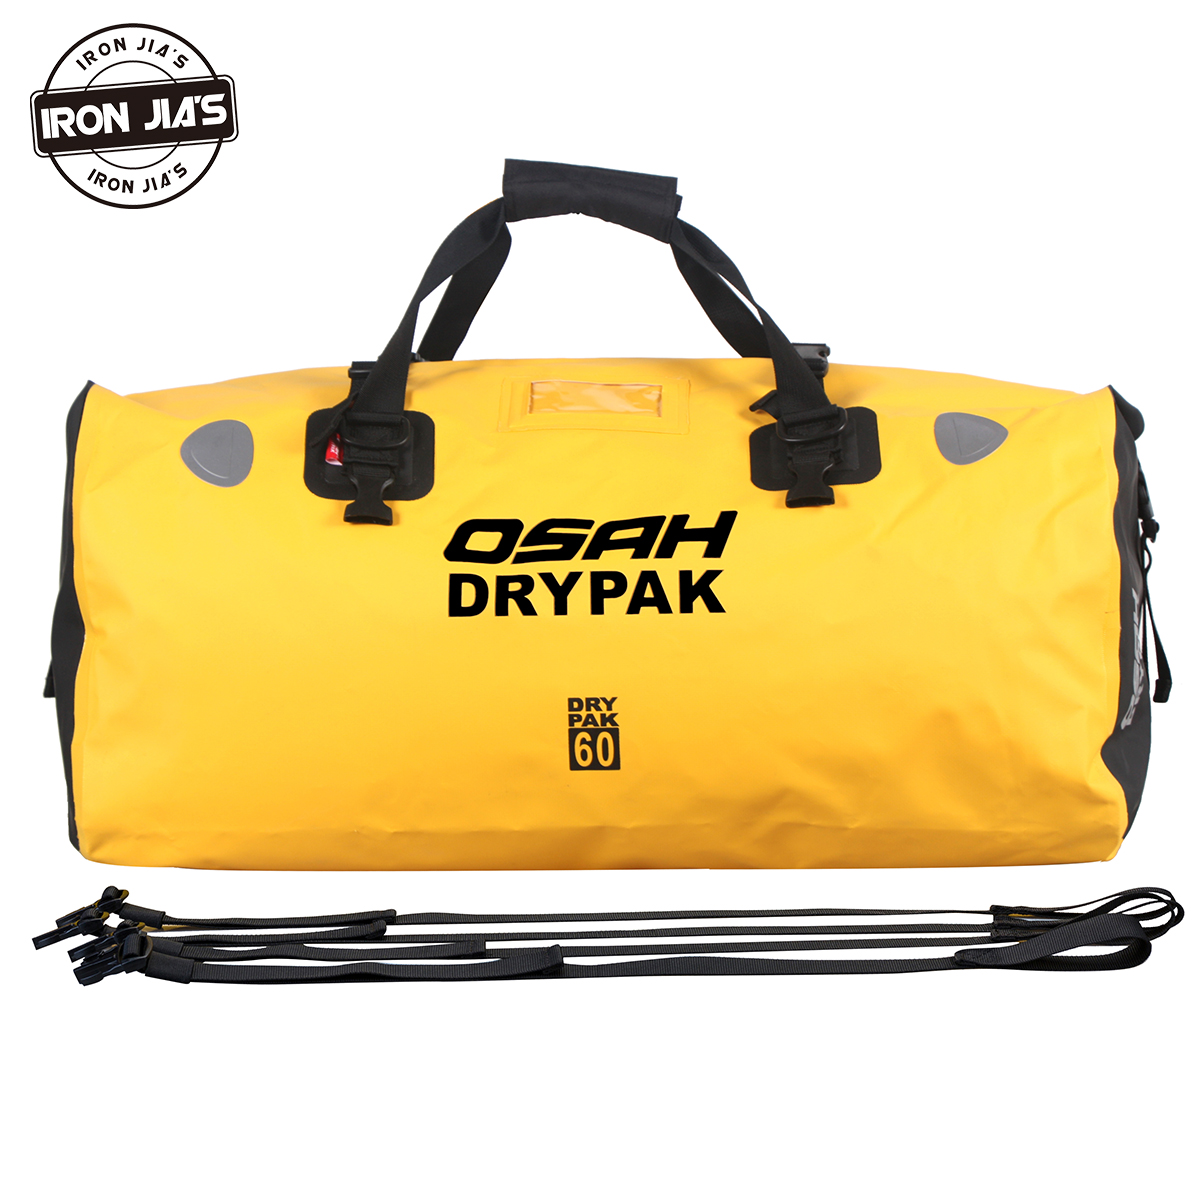 Sac de sac sec imperméable OSAH drypak sac de natation Rafting kayak rivière Trekking sac de résistance à l'eau flottant